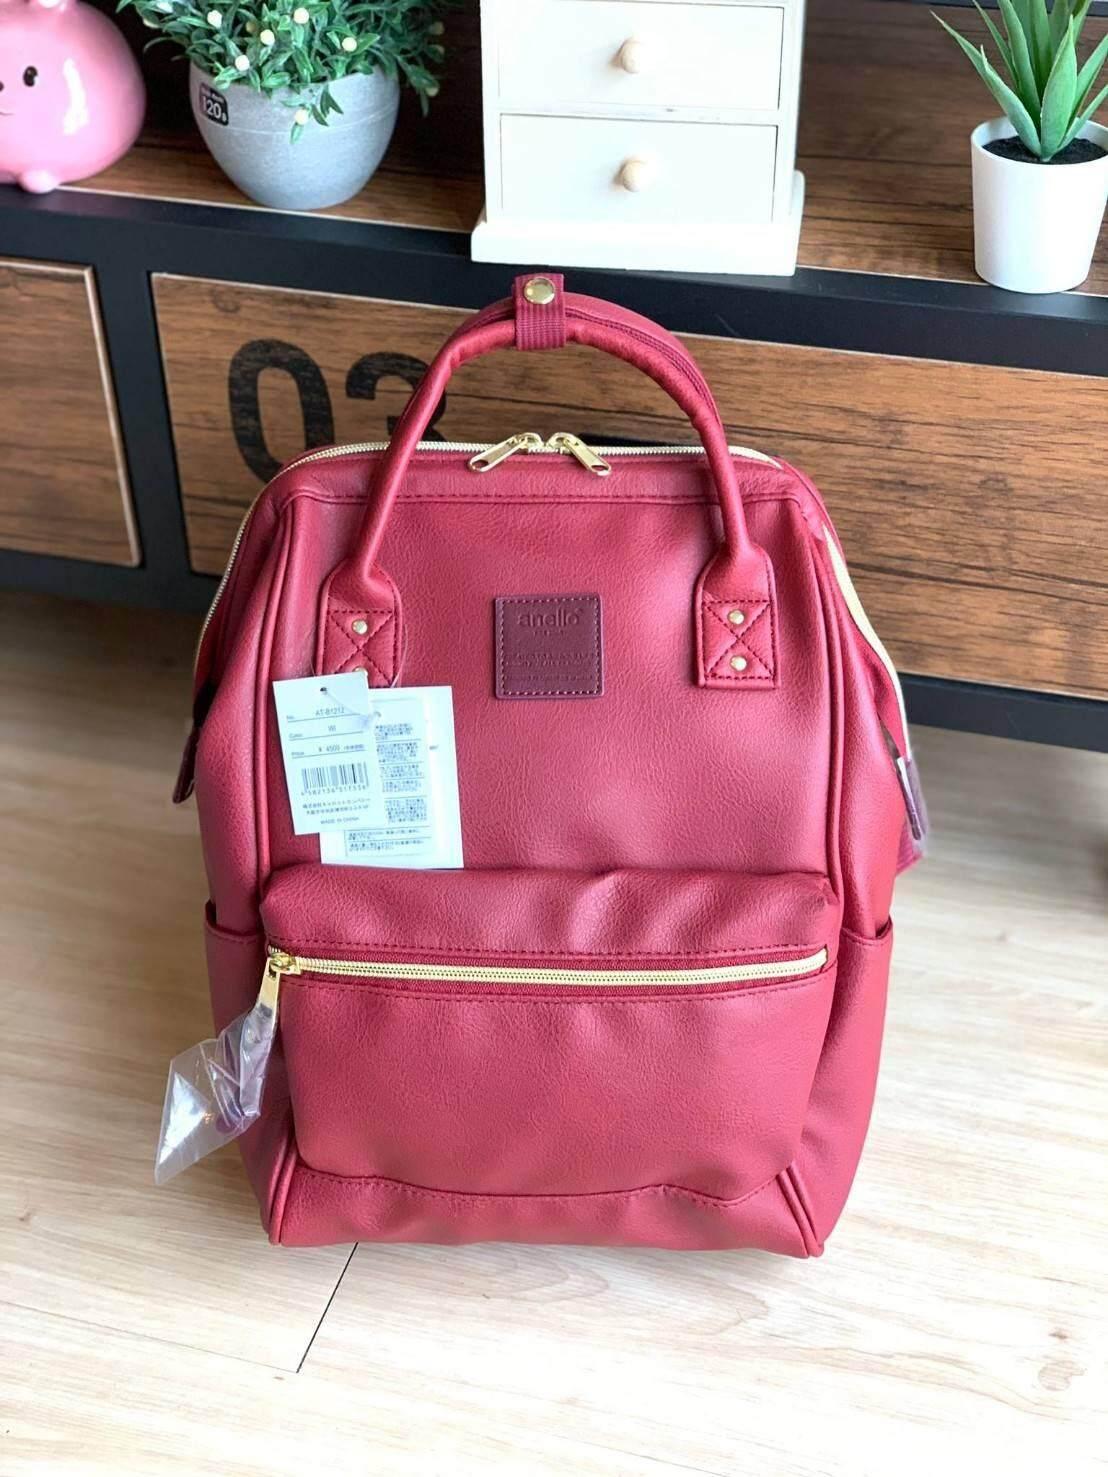 ทำบัตรเครดิตออนไลน์  สมุทรสงคราม NiceShoes   Anello polyurethane leather rucksack รุ่น Mini  กระเป๋าเป้ BH070412